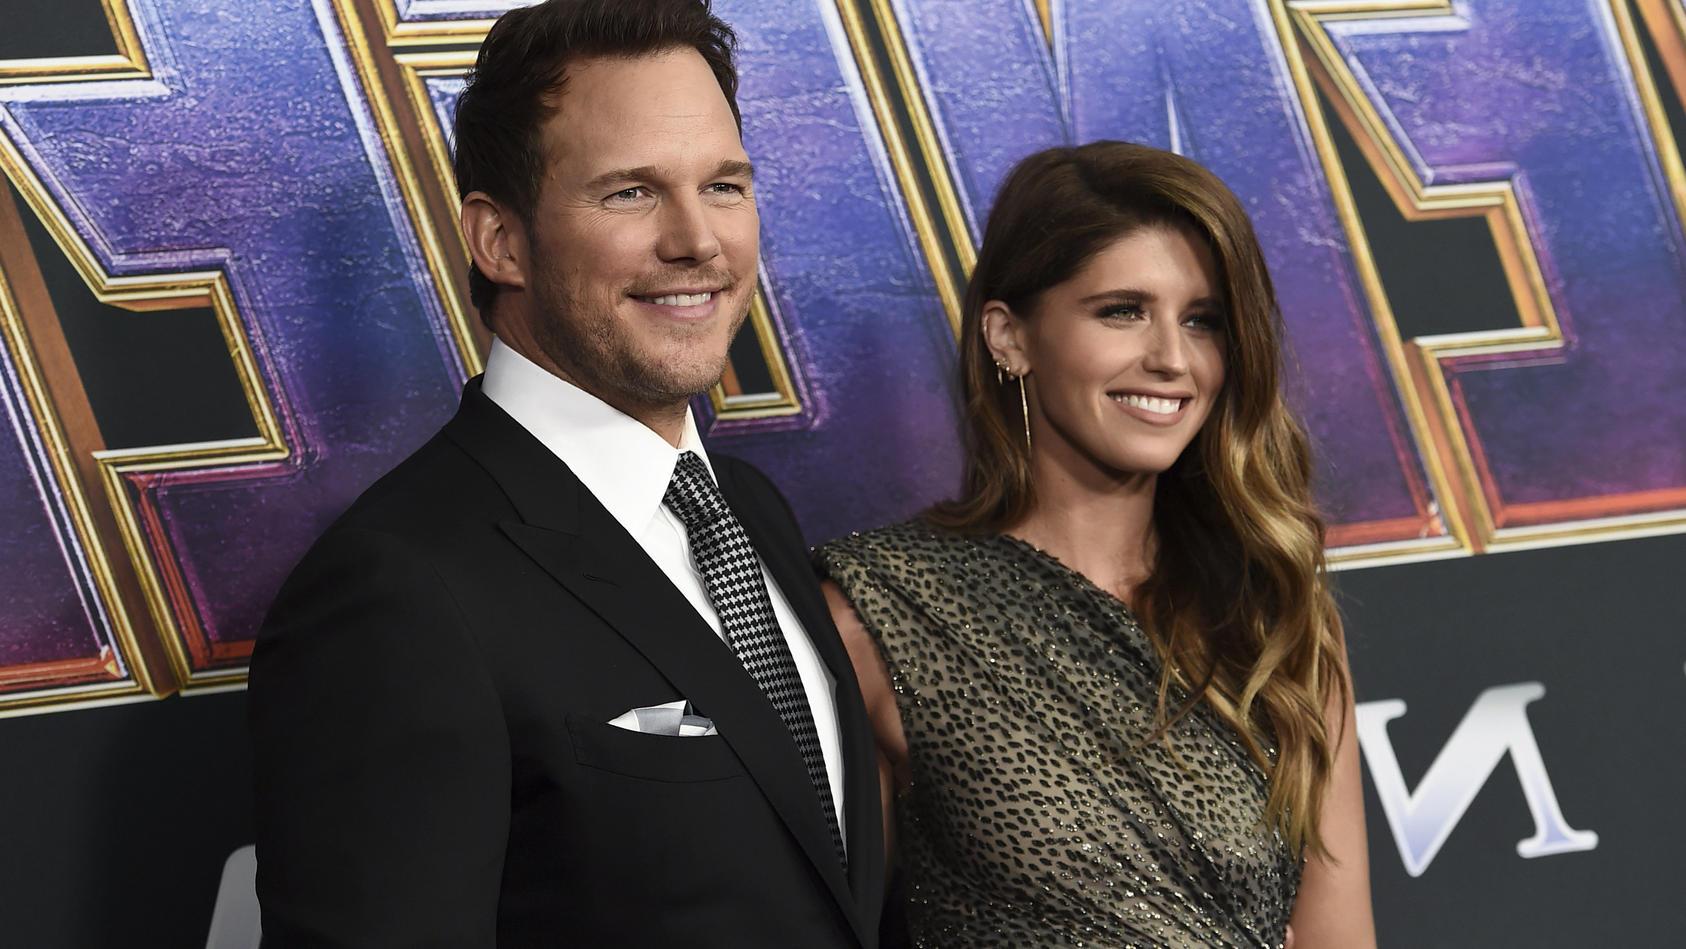 Chris Pratt und Katherine Schwarzenegger sind glückliche Eltern eines kleinen Mädchens geworden.